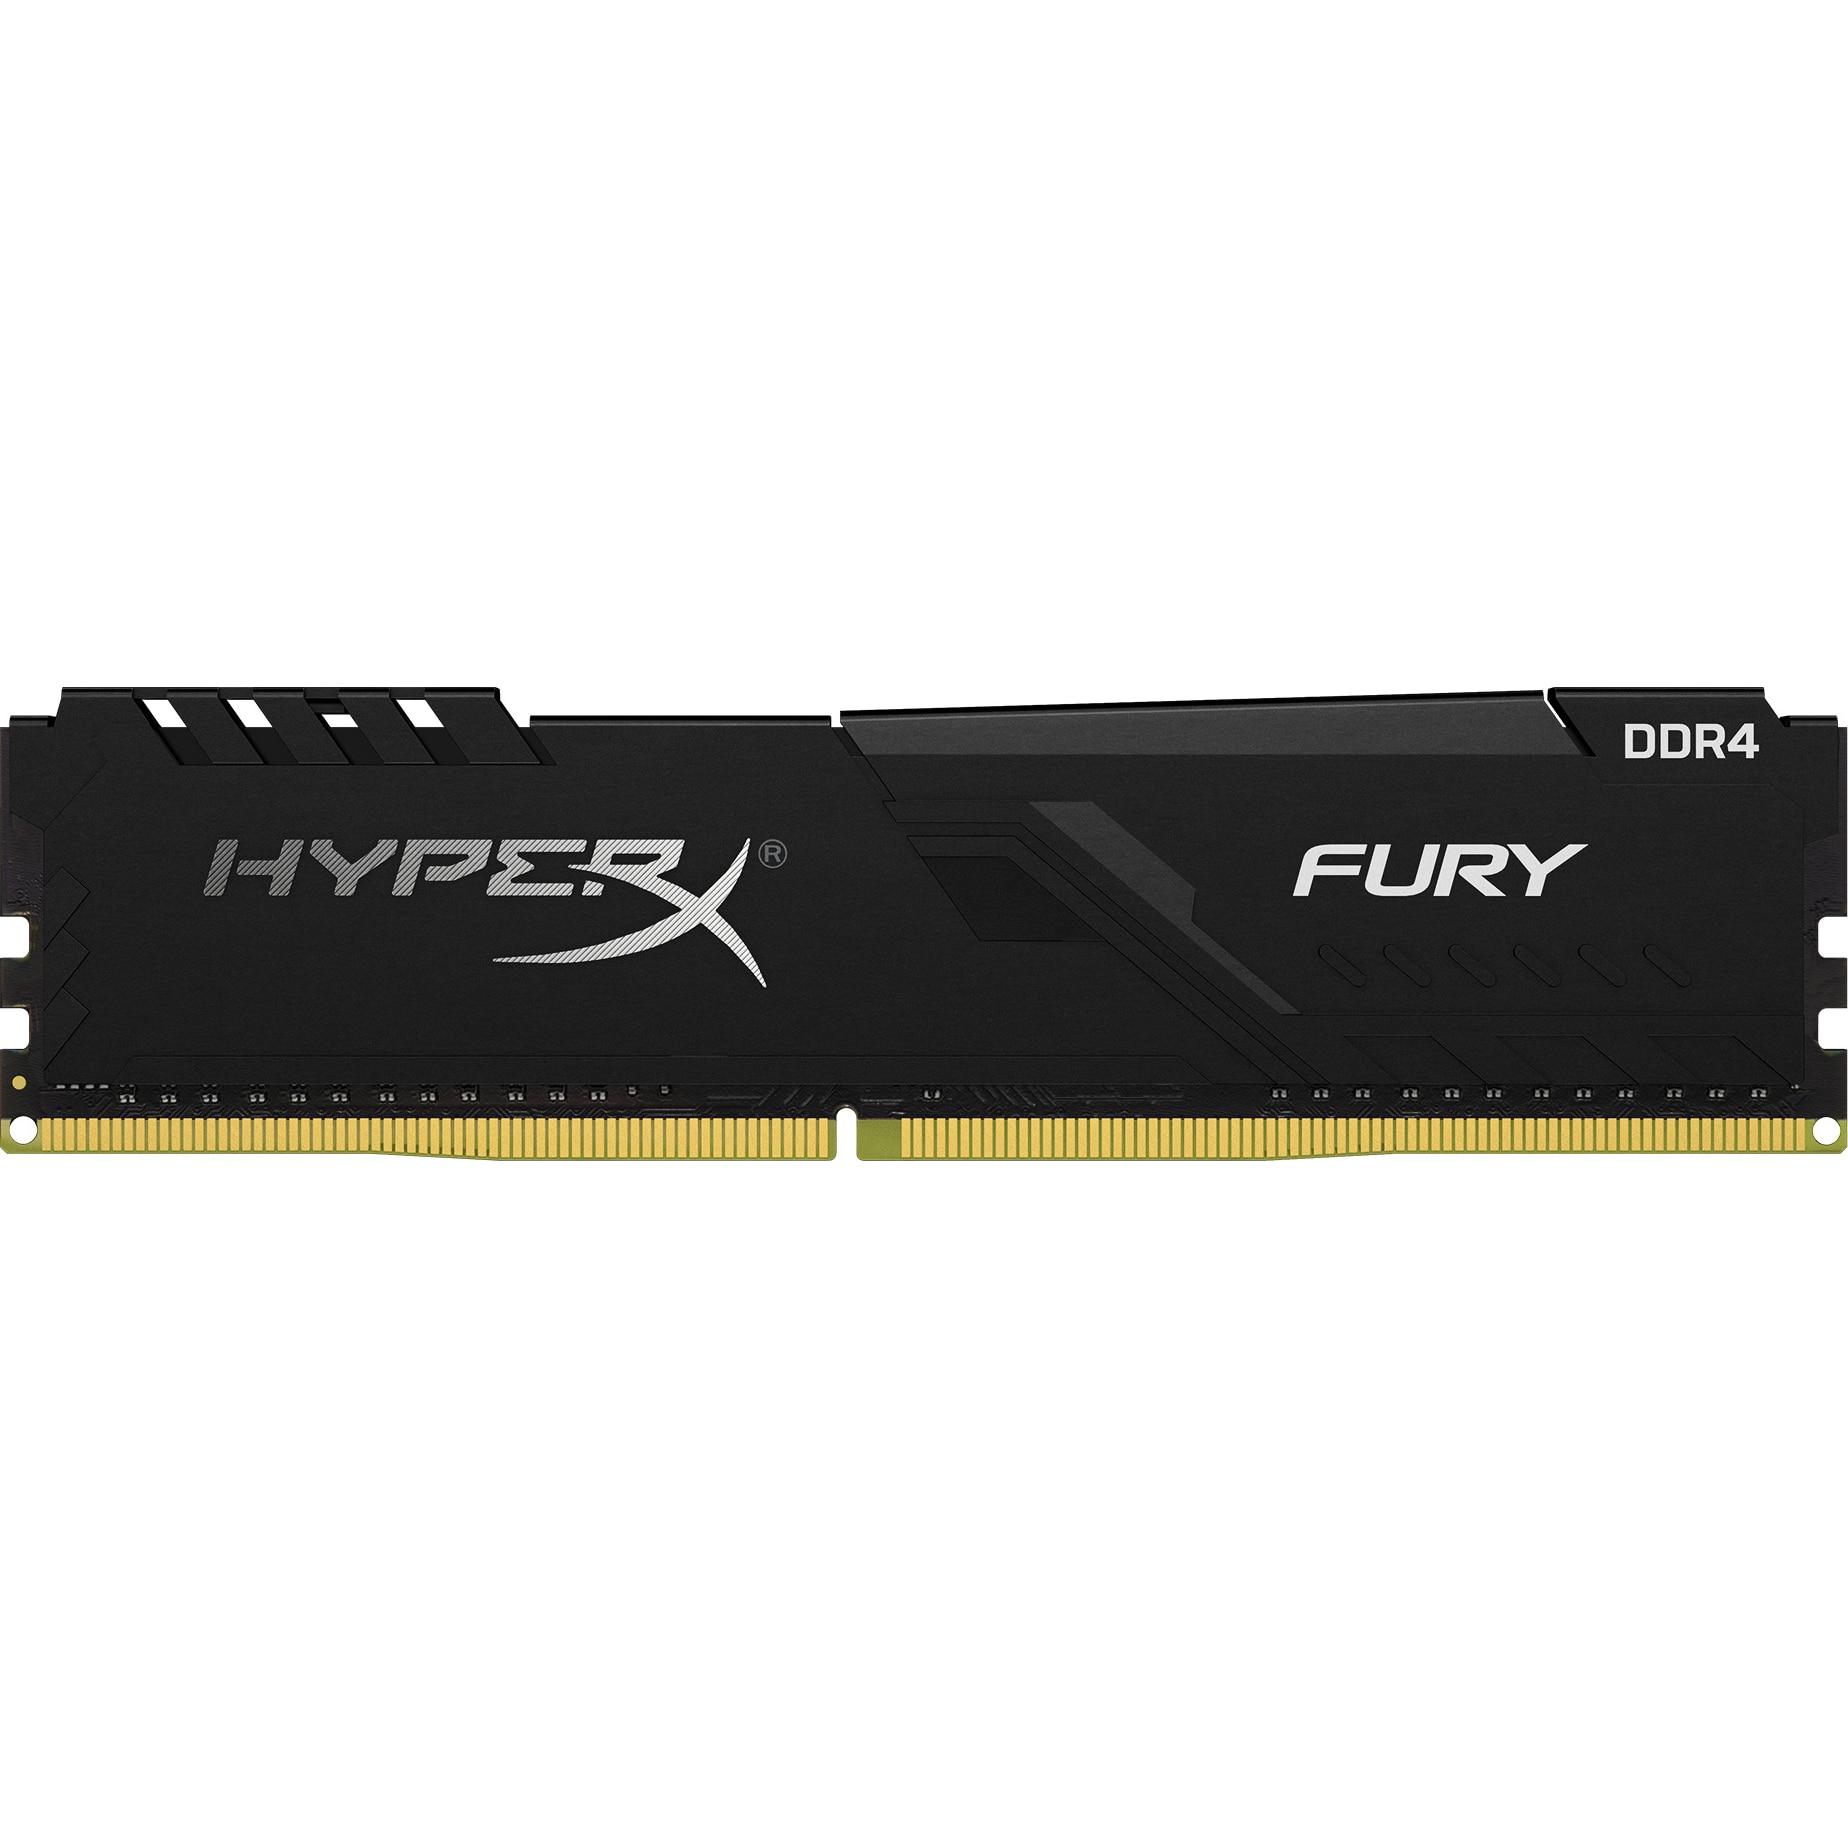 Fotografie Memorie HyperX Fury Black 4GB, DDR4, 3000MHz, CL15, 1.35V